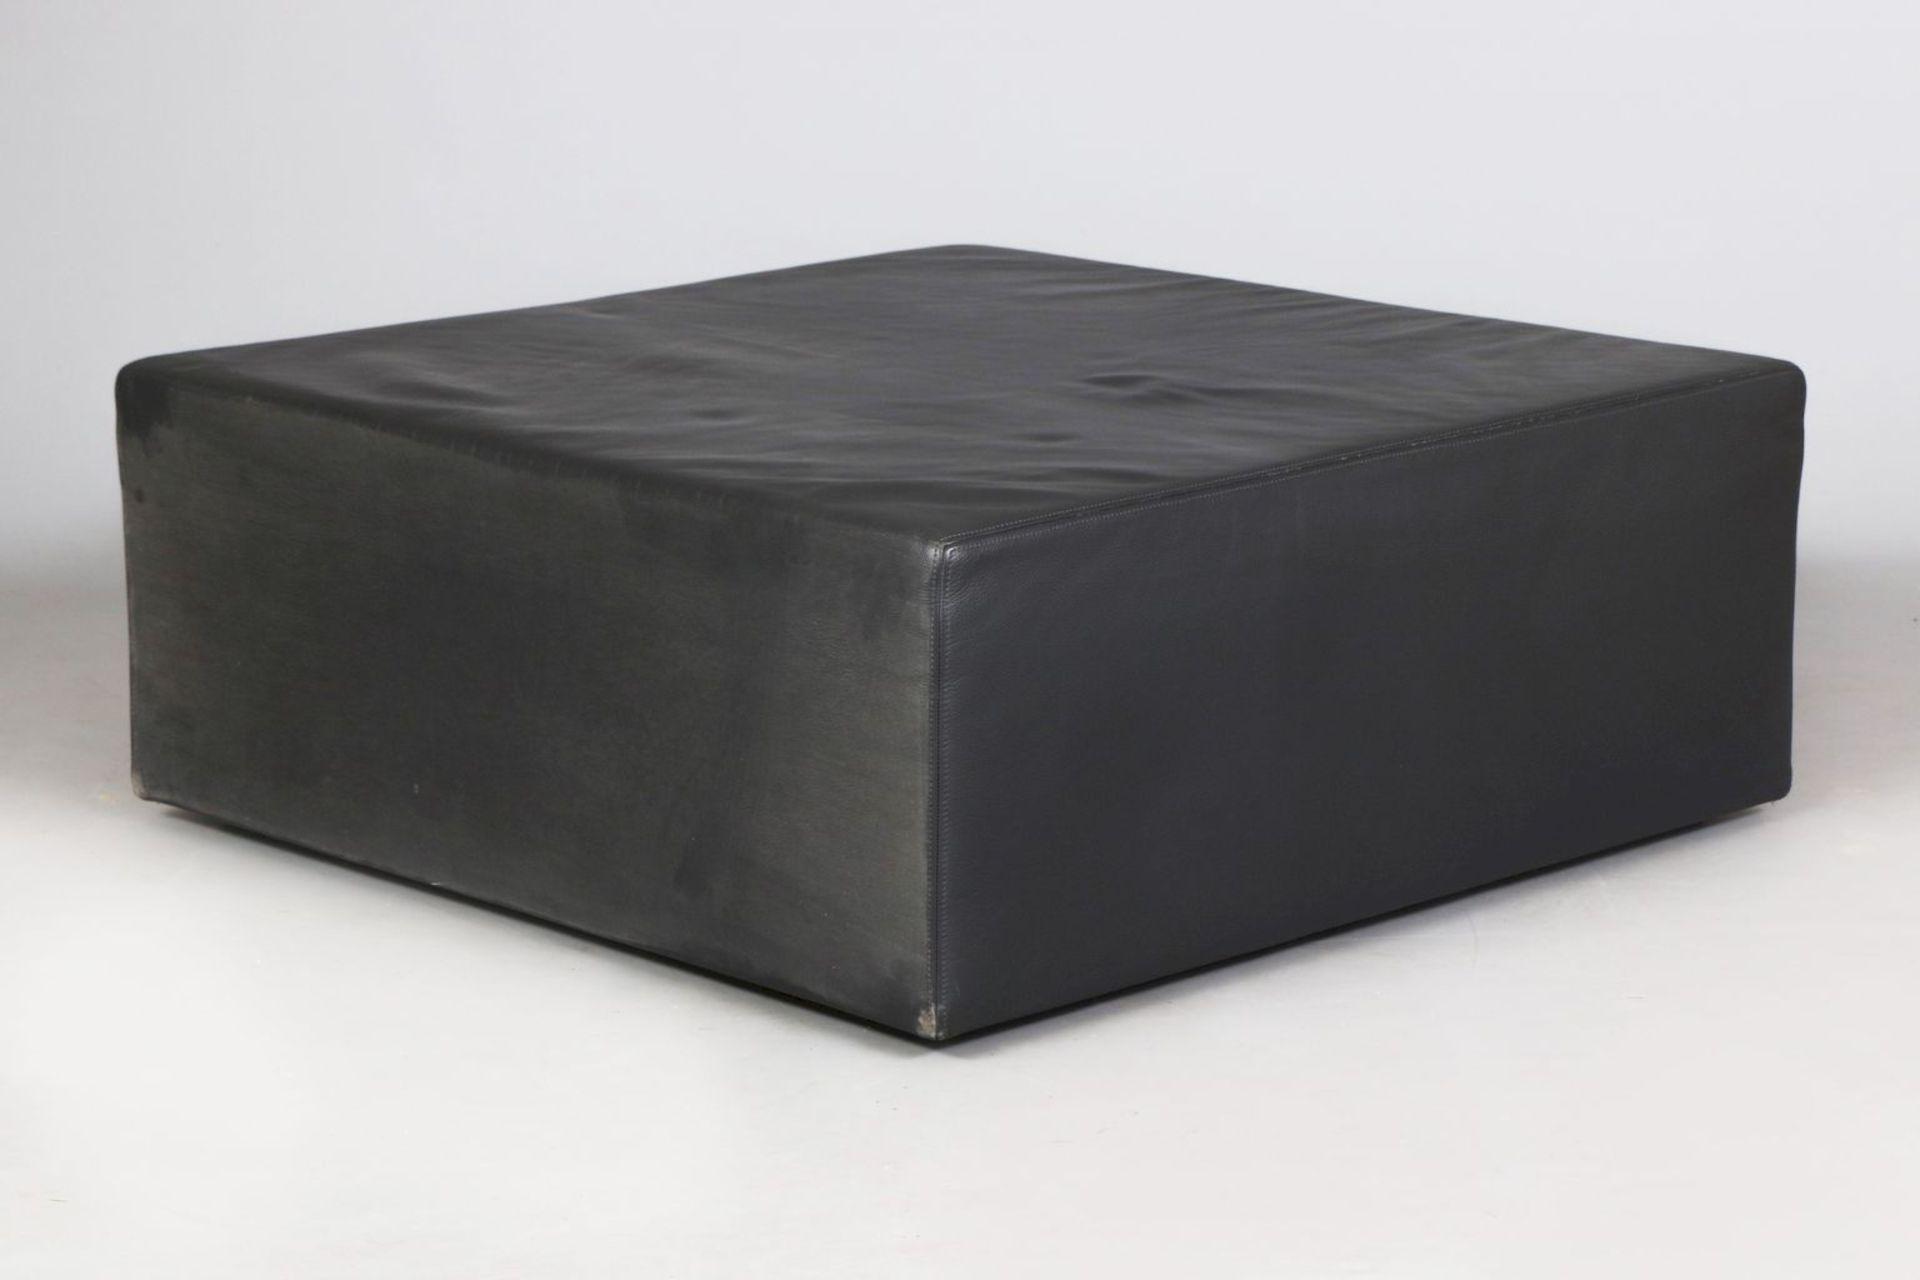 Leder-Pouf (Sitzmöbel oder Couchtisch) - Image 2 of 3